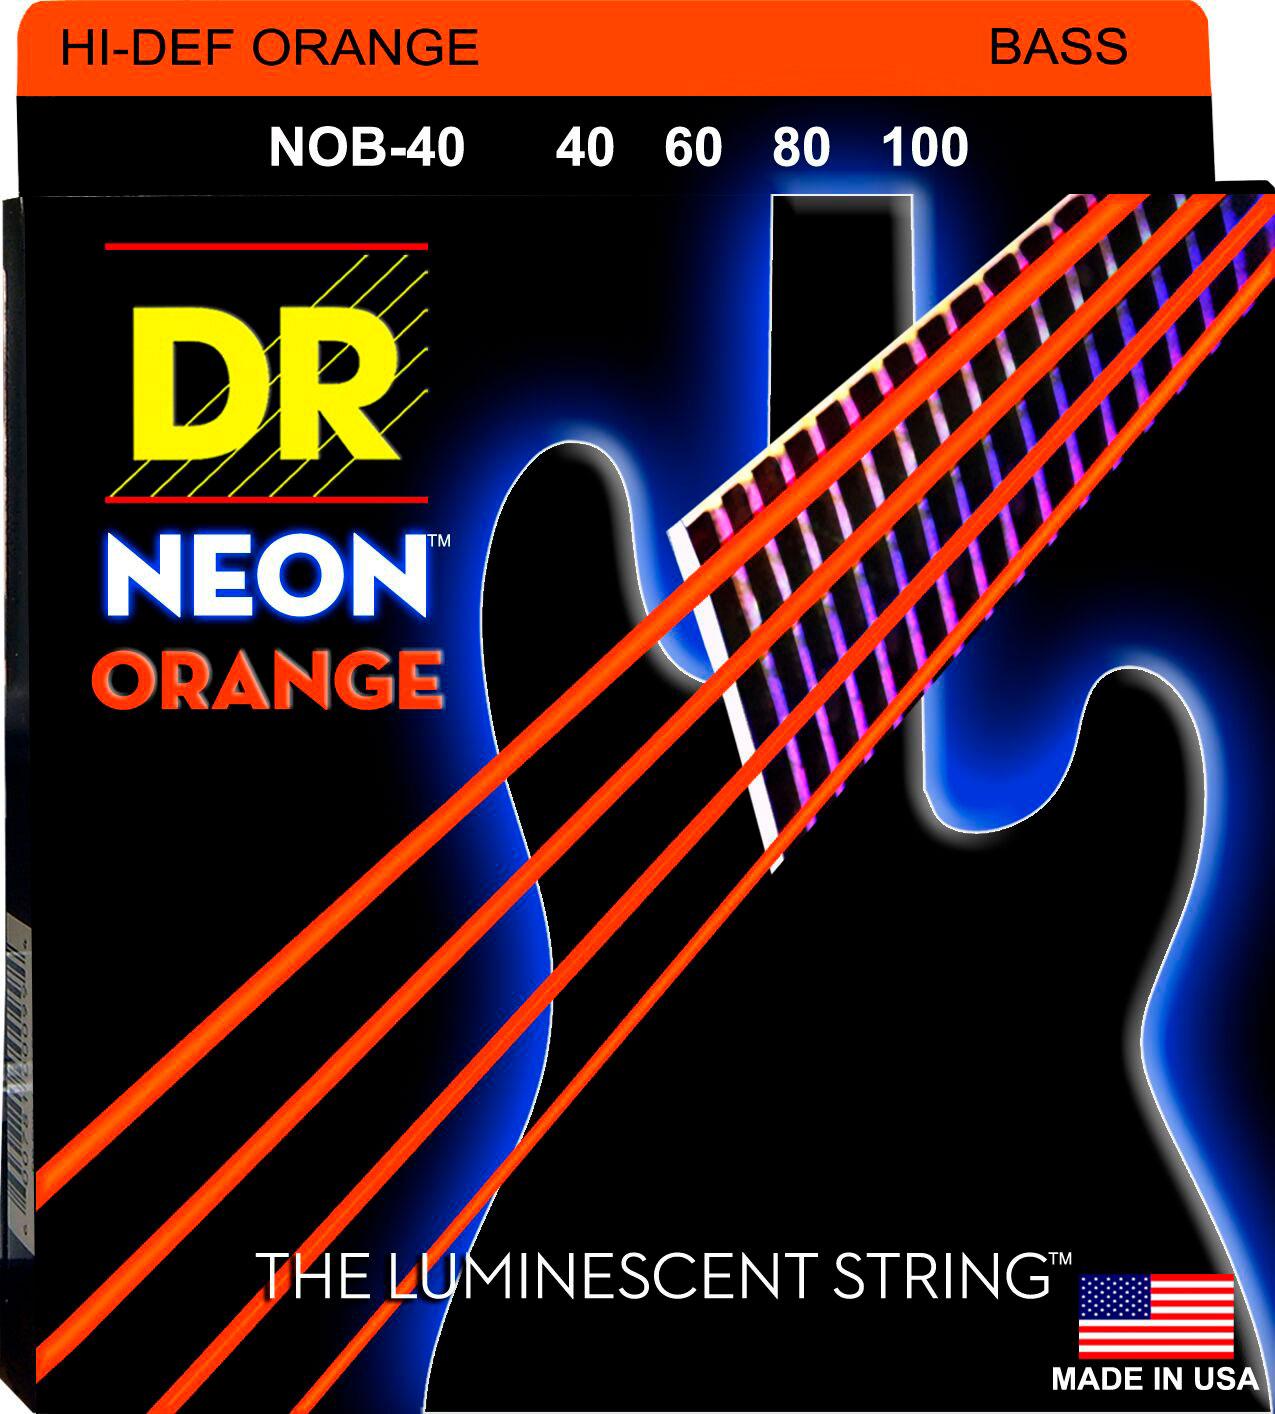 DR NOB-40 Neon Orange - Bassi Accessori - Corde